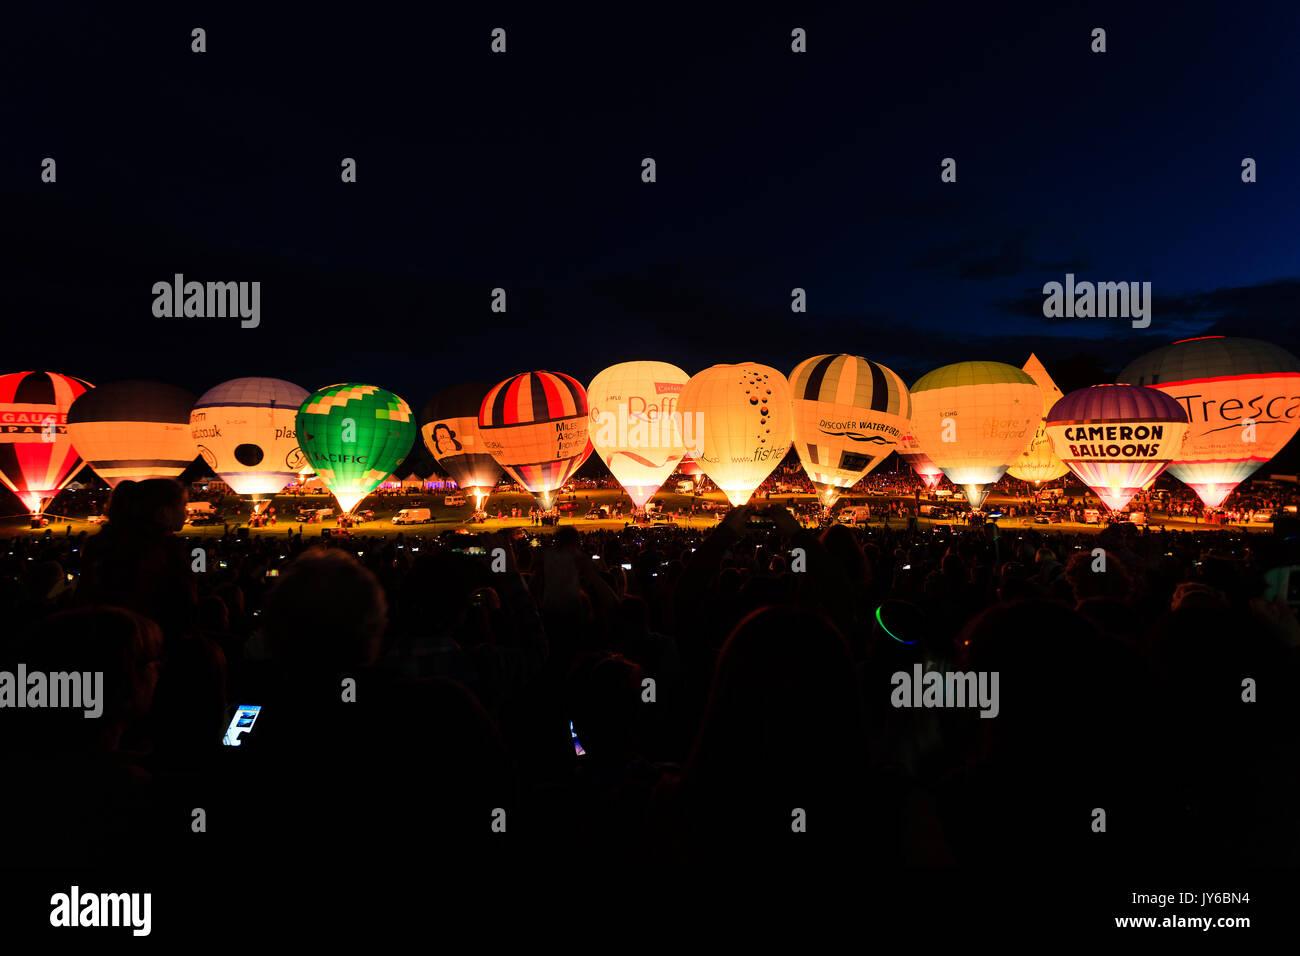 Una vista del Resplandor Nocturno en Bristol Balloon Fiesta 2017 en Ashton Court, Bristol. Imagen De Stock